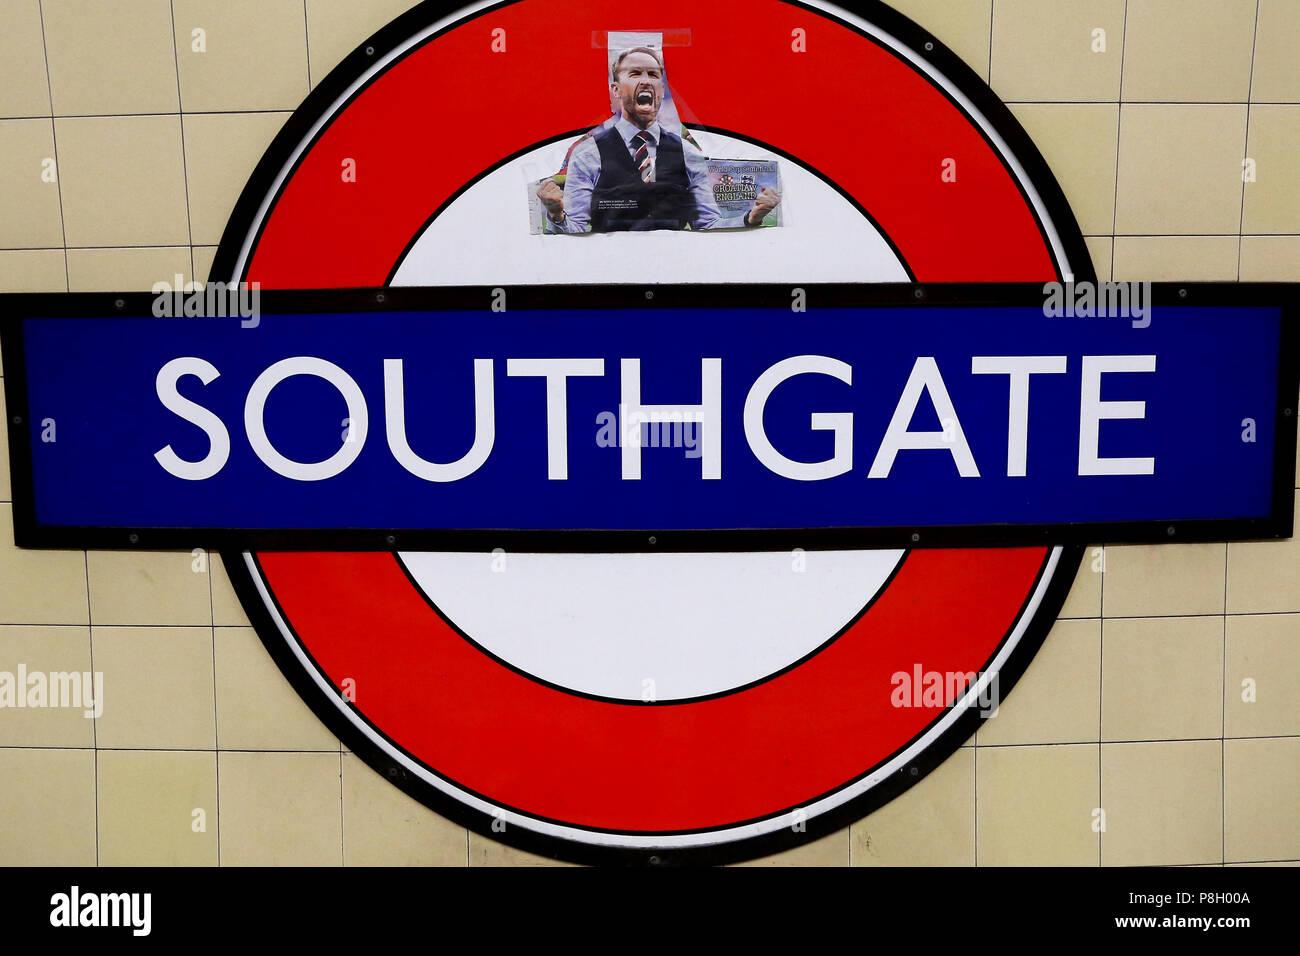 Southgate Underground Station  North London  UK 11 July 2018